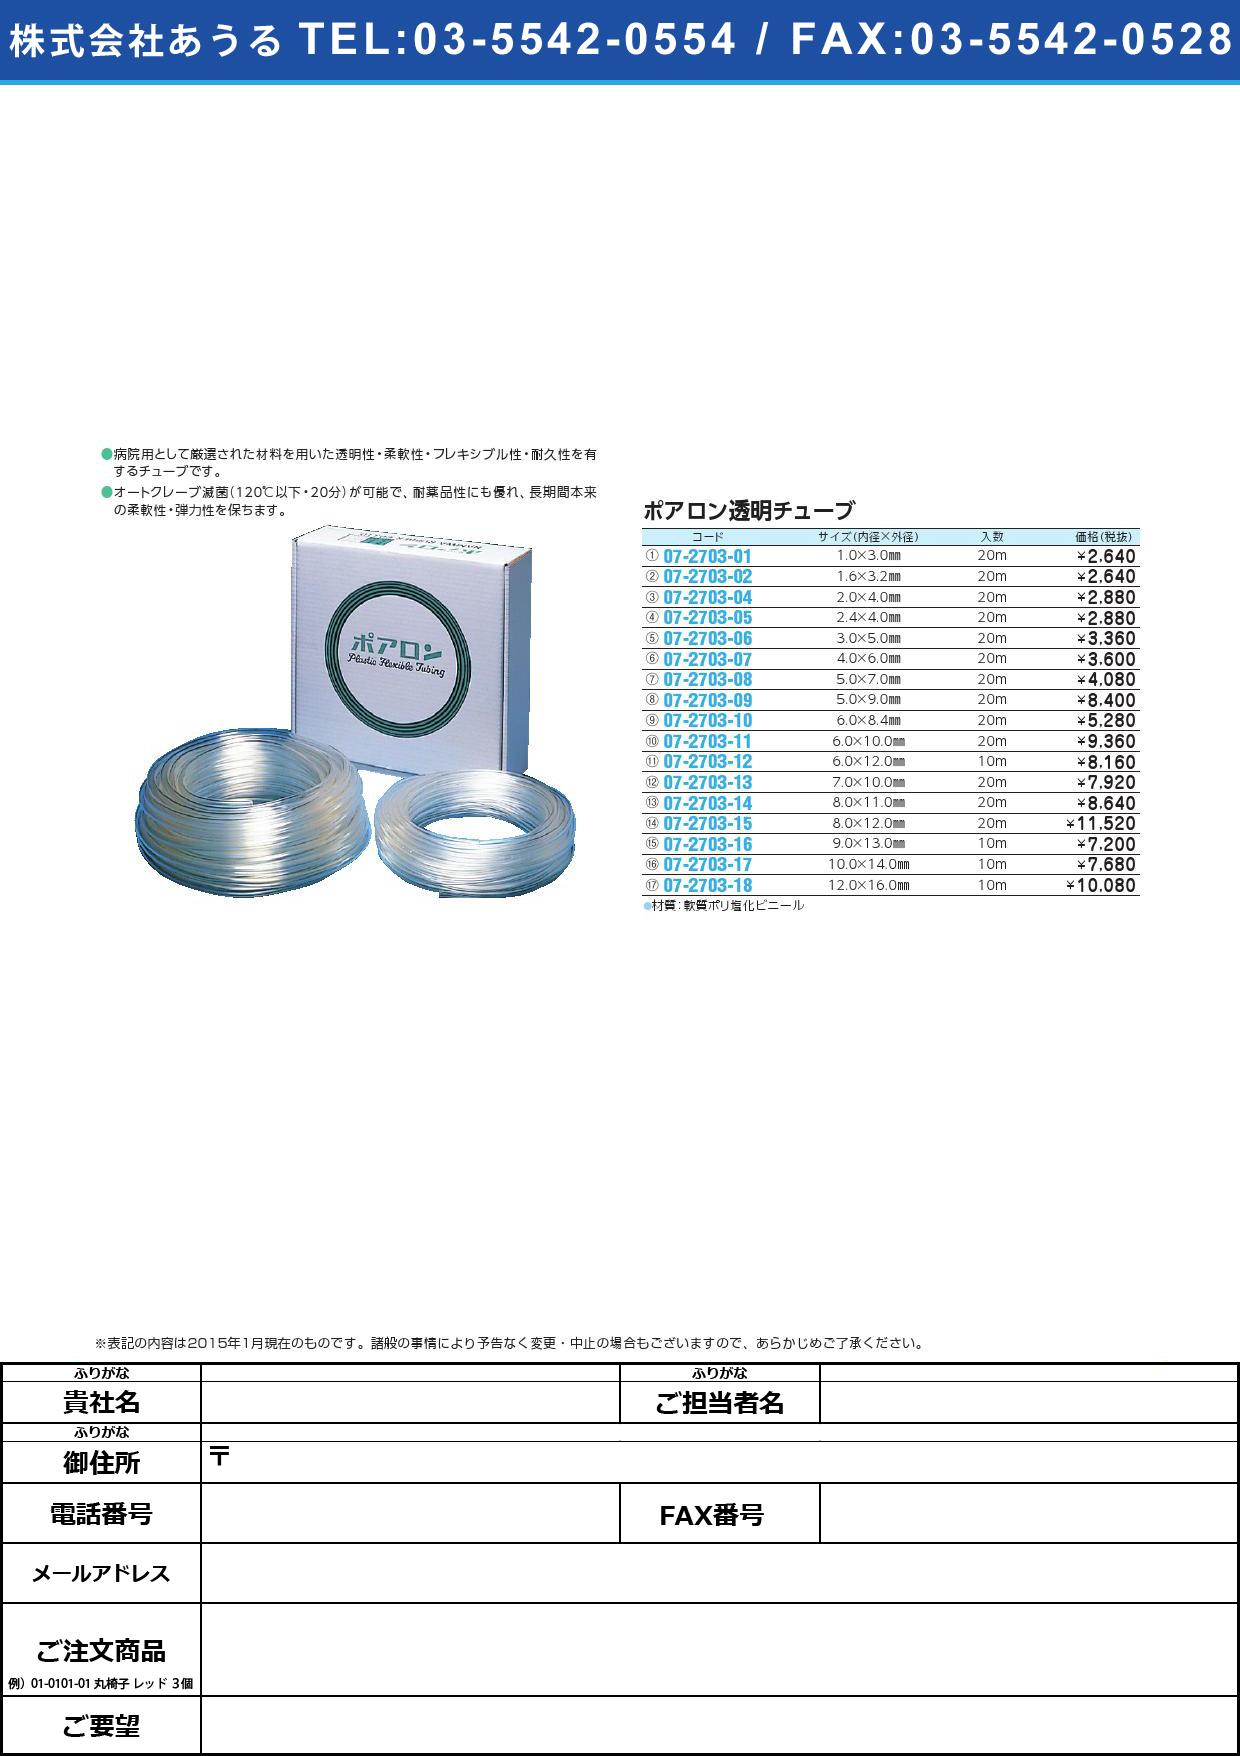 ポアロン透明チューブ ポアロントウメイチューブ 1X3MM (20Mイリ)【1箱単位】(07-2703-01)